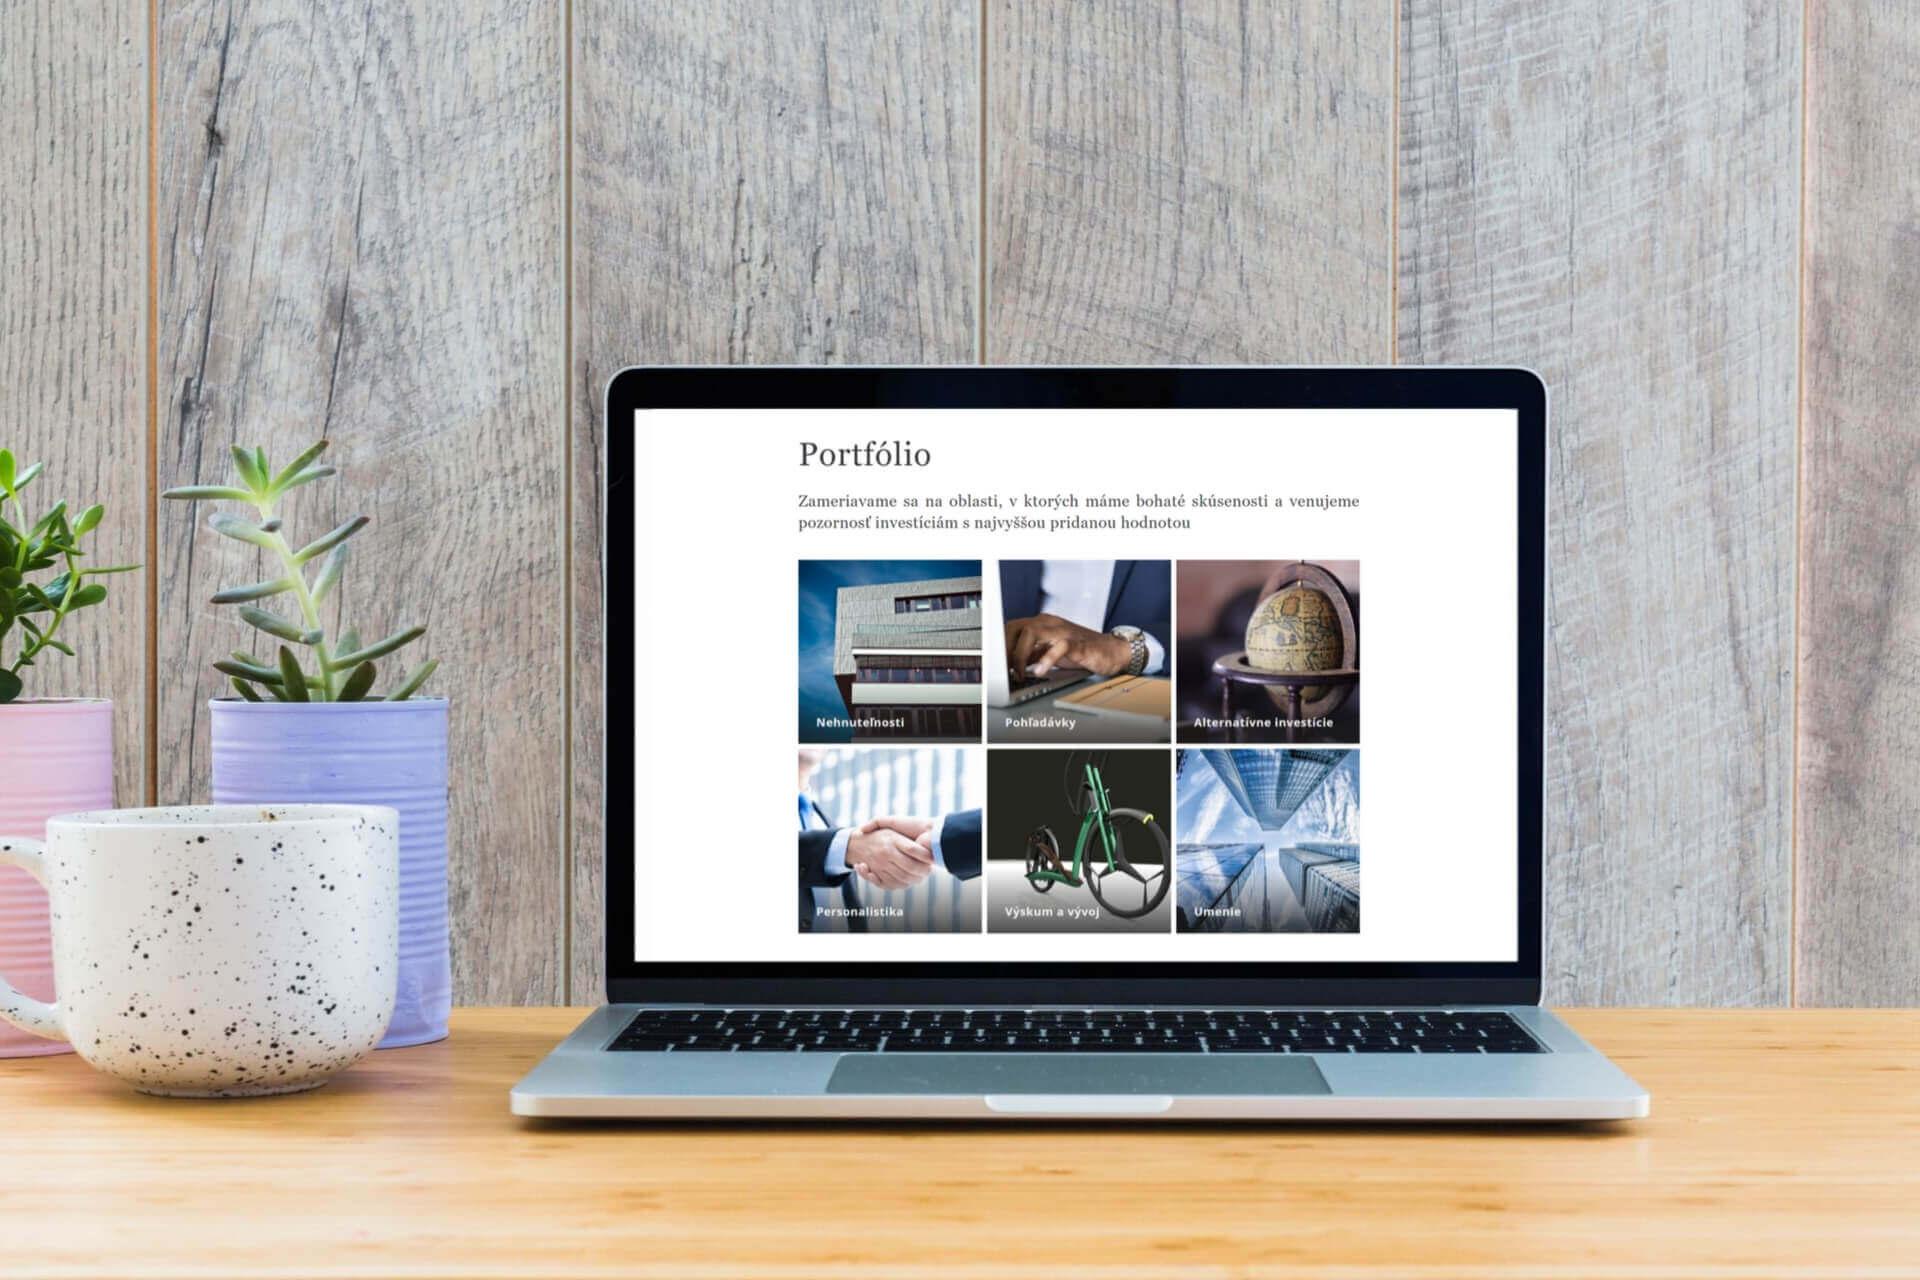 ludmila-hoosova-tvorbe-web-stranok-online-marketing-konzultacie-equisinvest